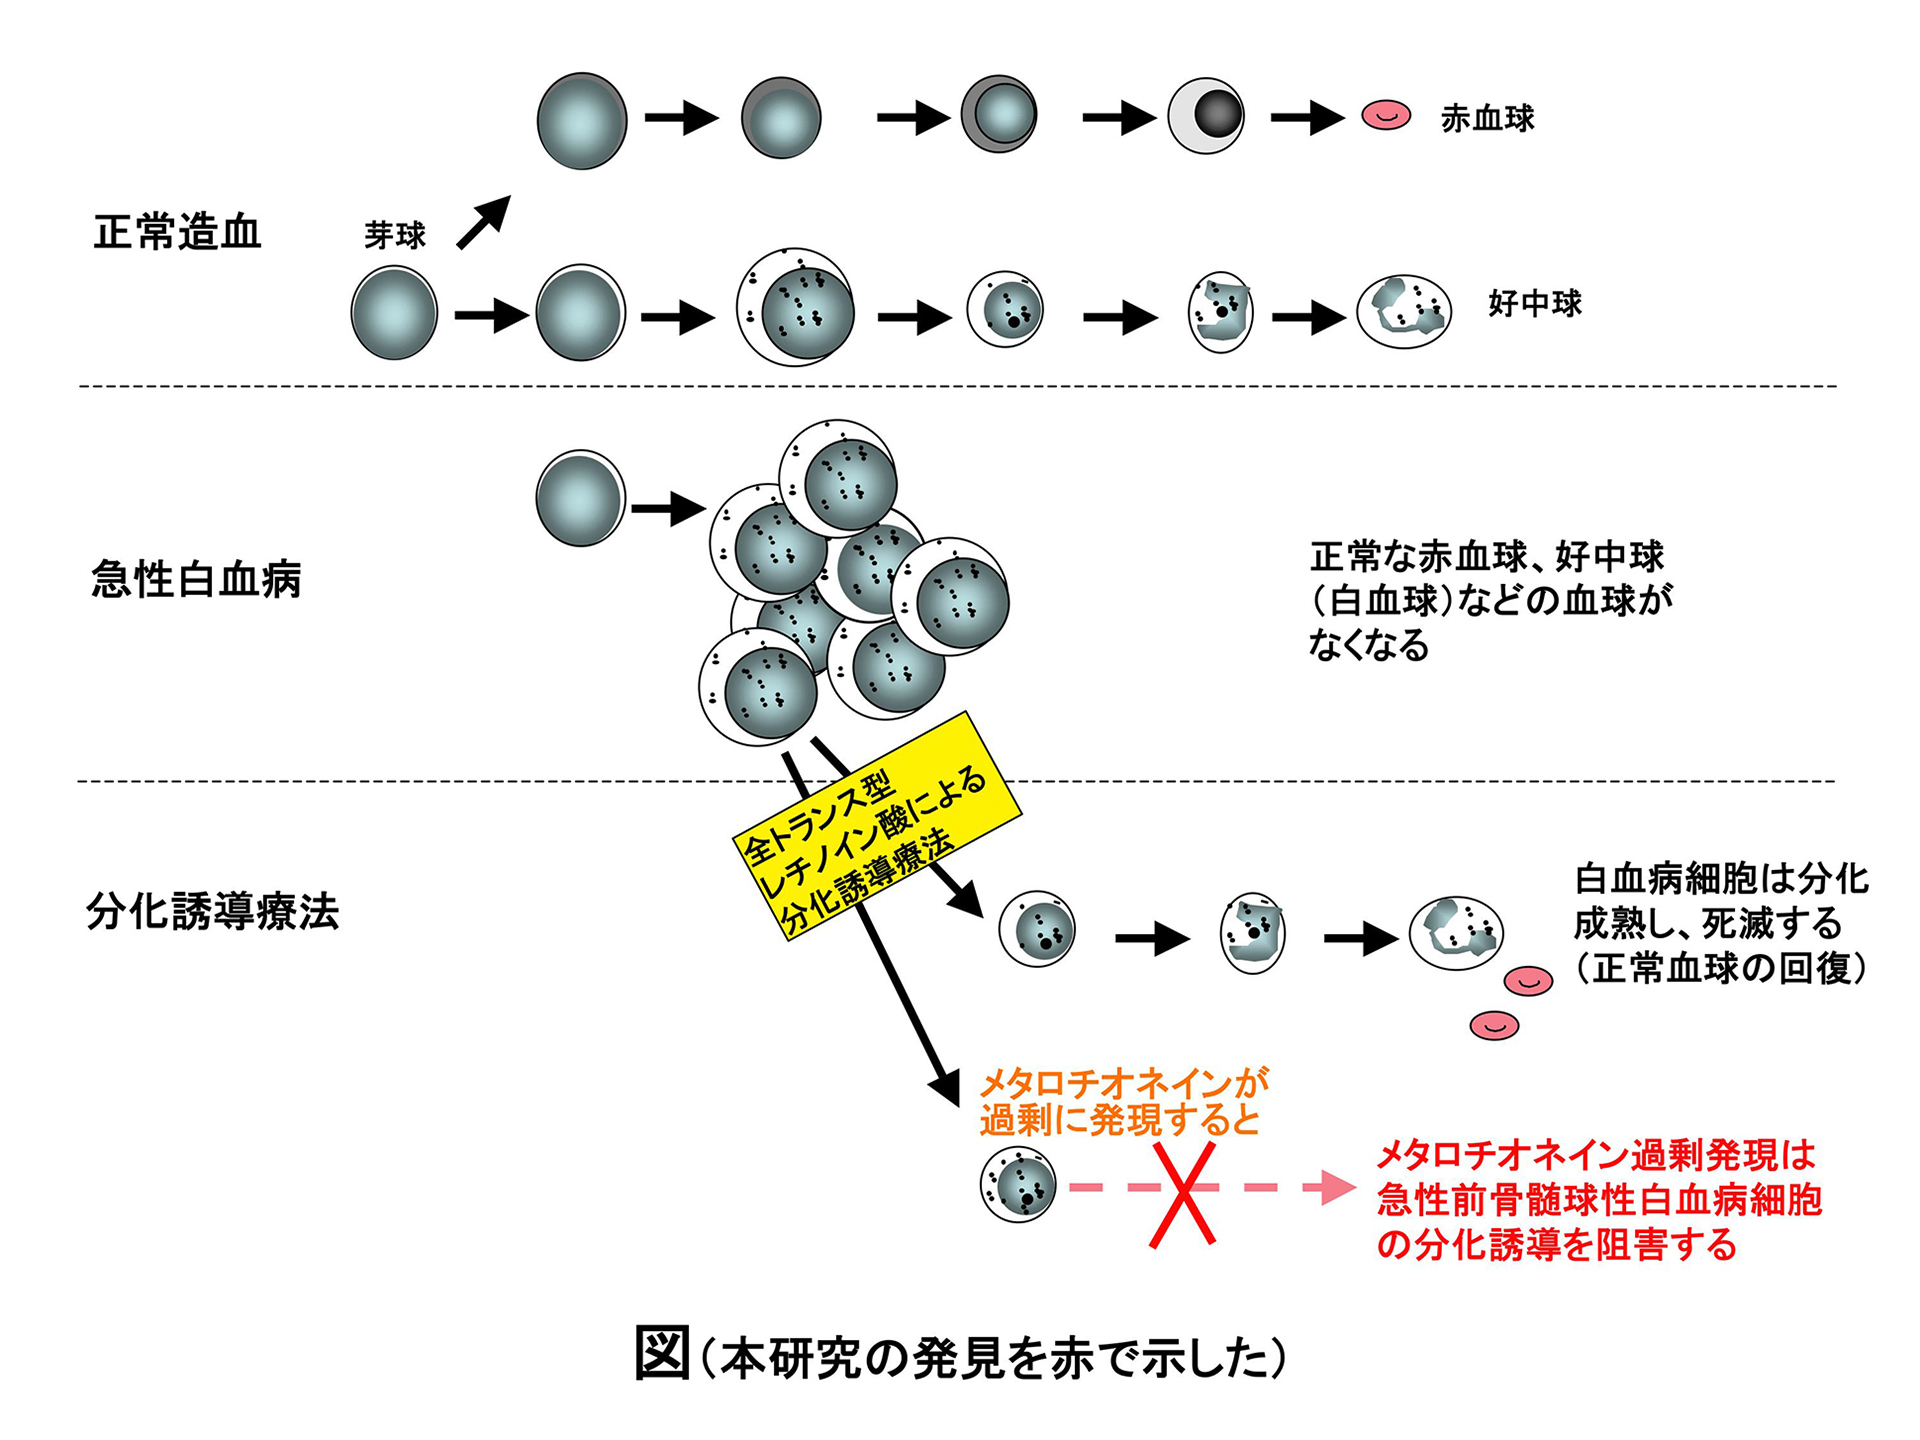 北里大学が顆粒球系細胞分化を制御する遺伝子を新たに同定